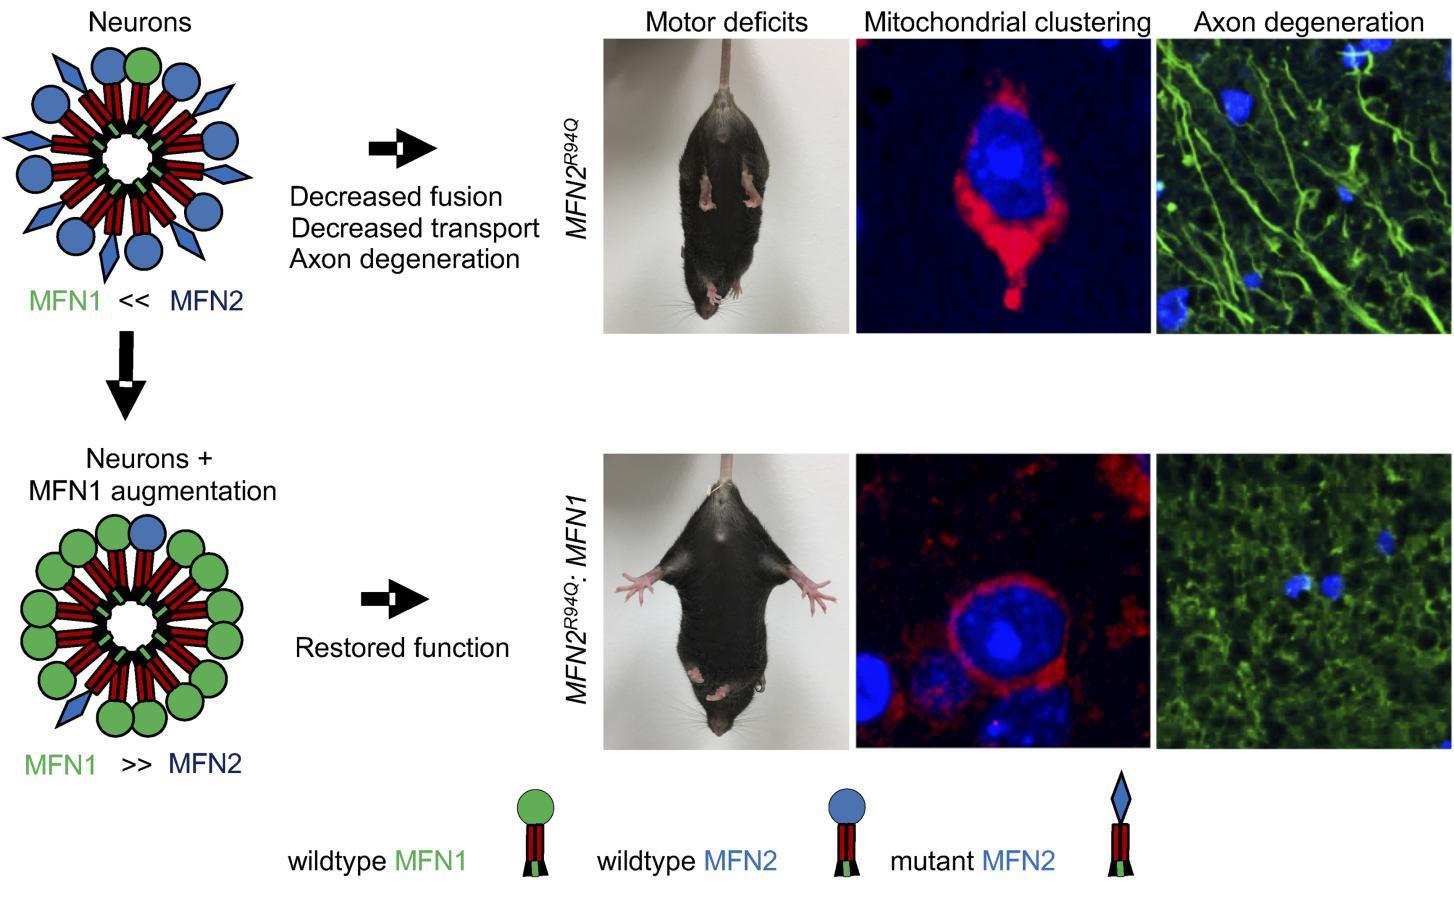 샤르코마리투드병 증상을 완화시키는 단백질, MFN1